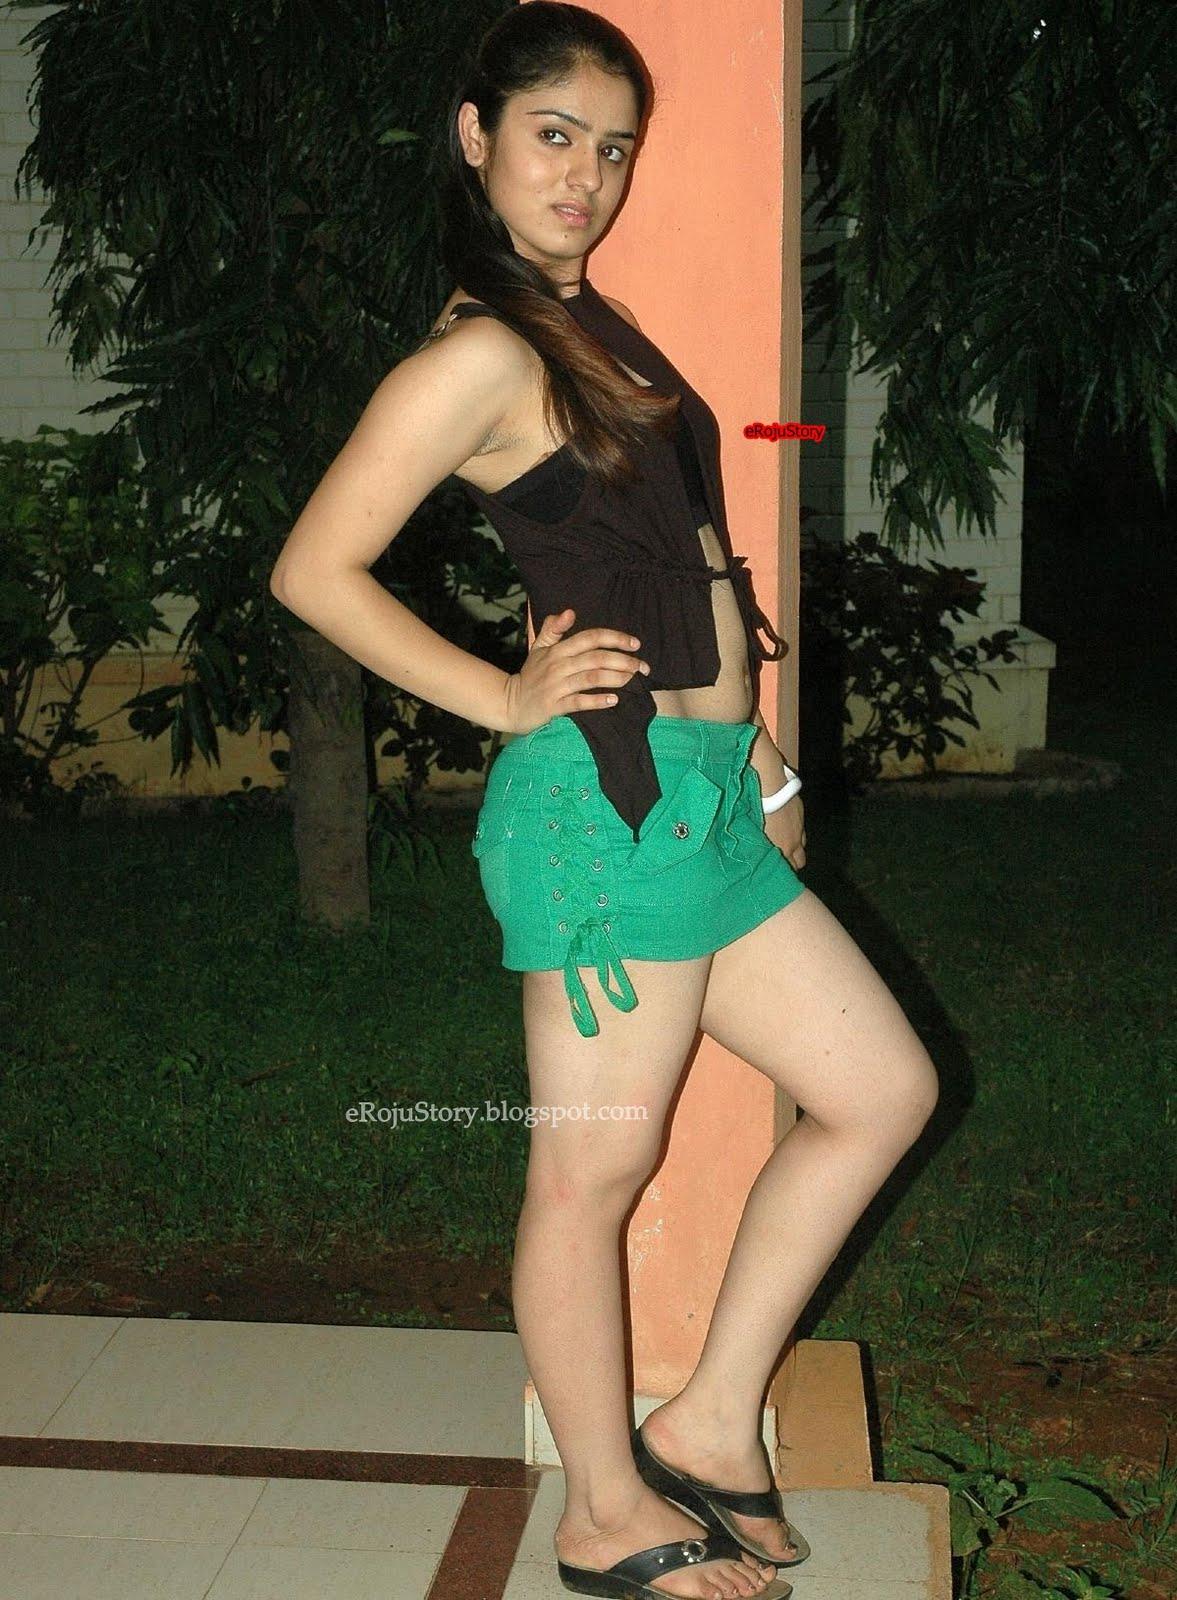 Shefali Sharma Hot Shefali sharma hot and latest Shefali Sharma Hot